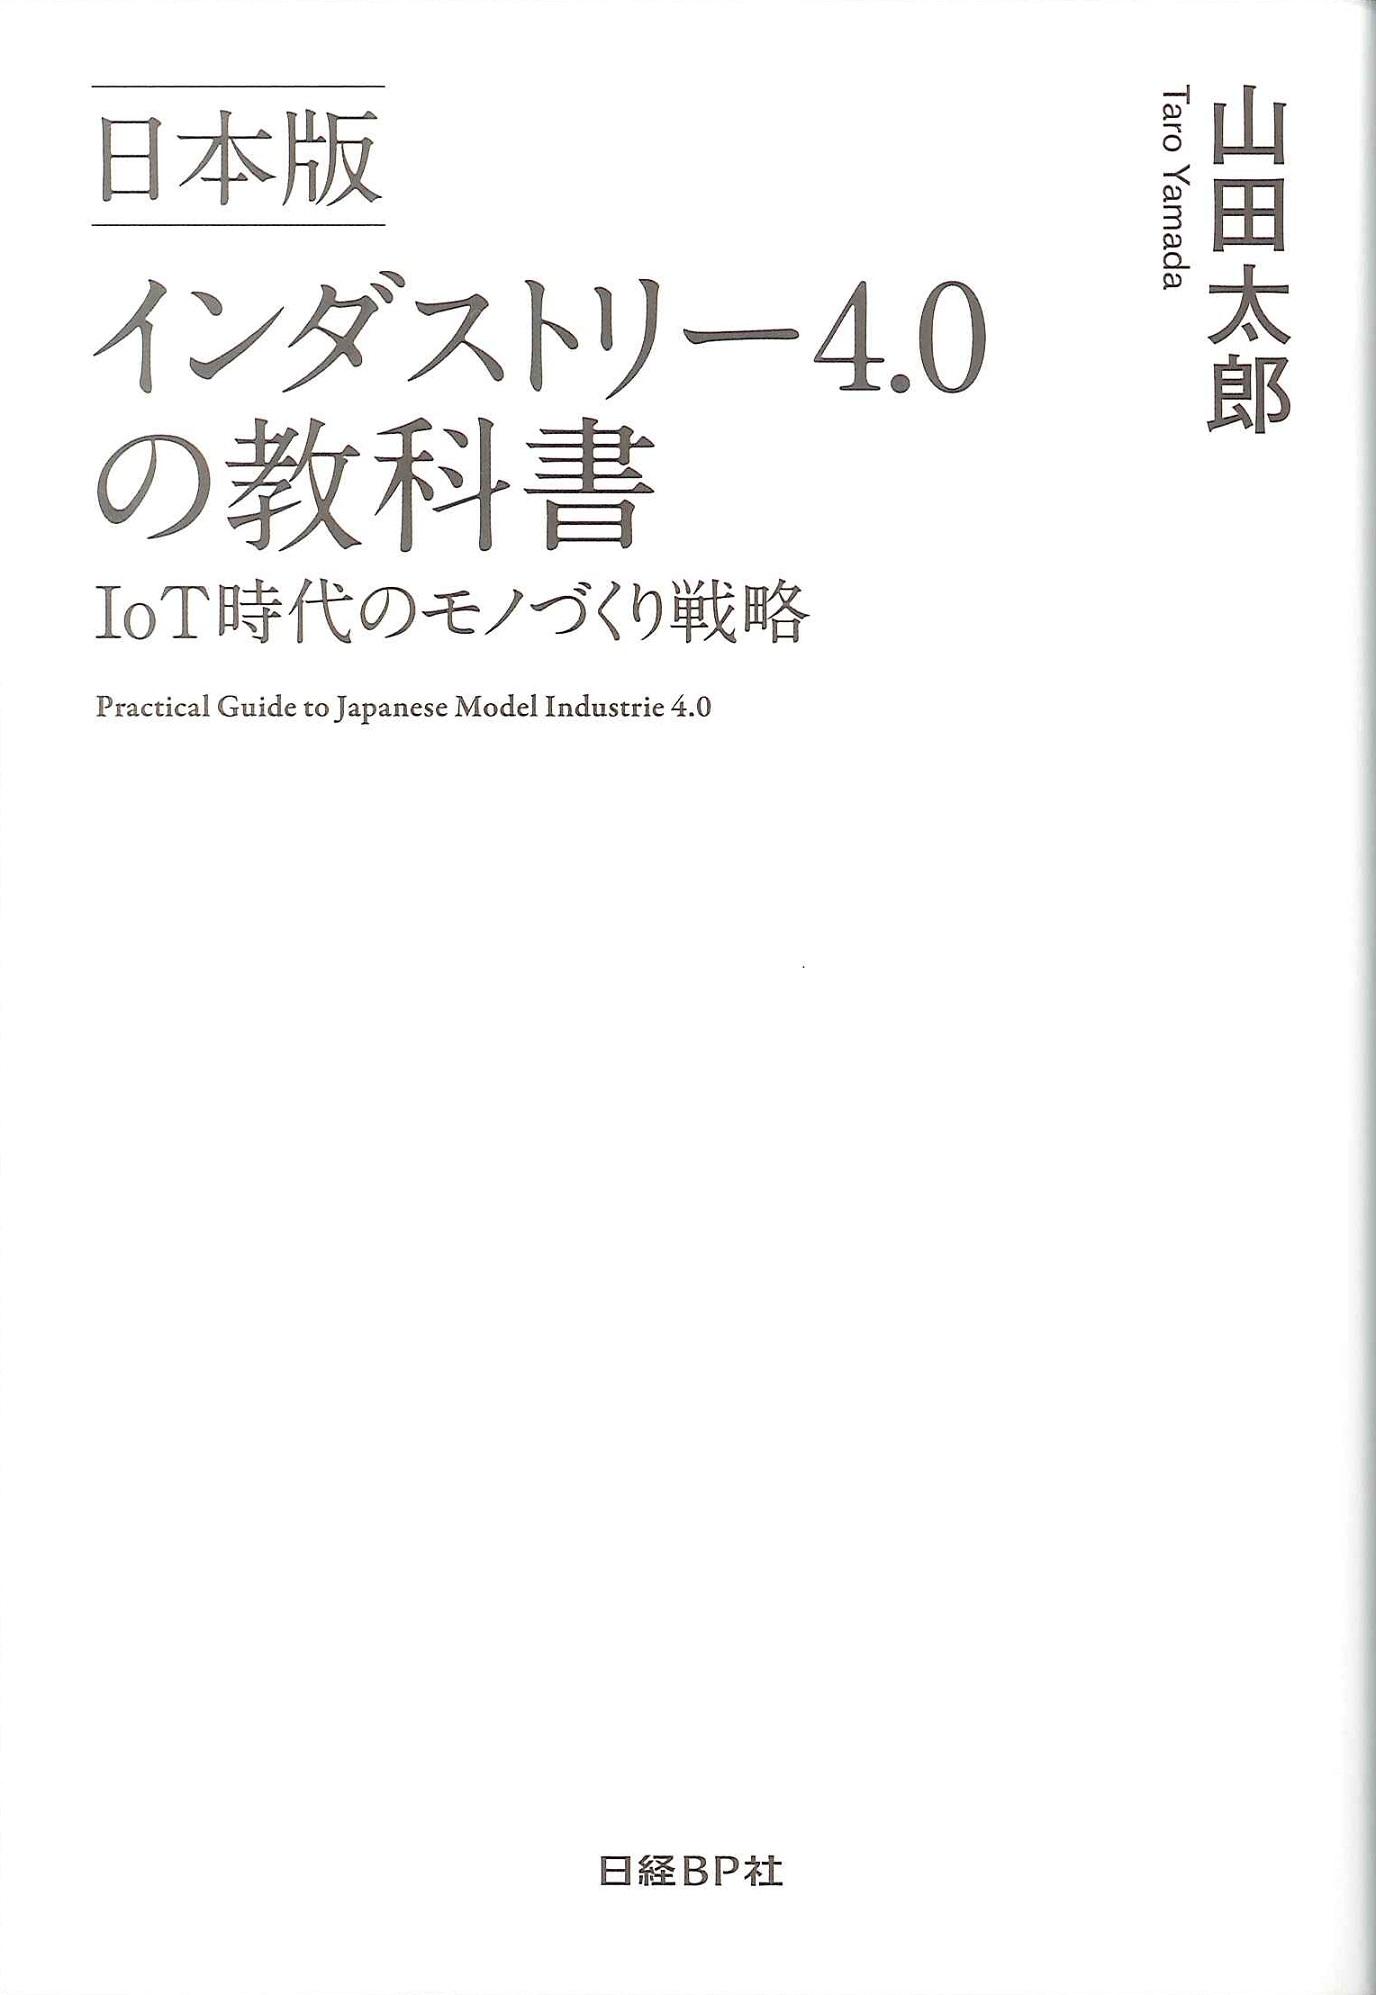 インダストリー4.0の教科書:IoT時代のモノづくり戦略=Practical guide to Japanese model industrie 4.0